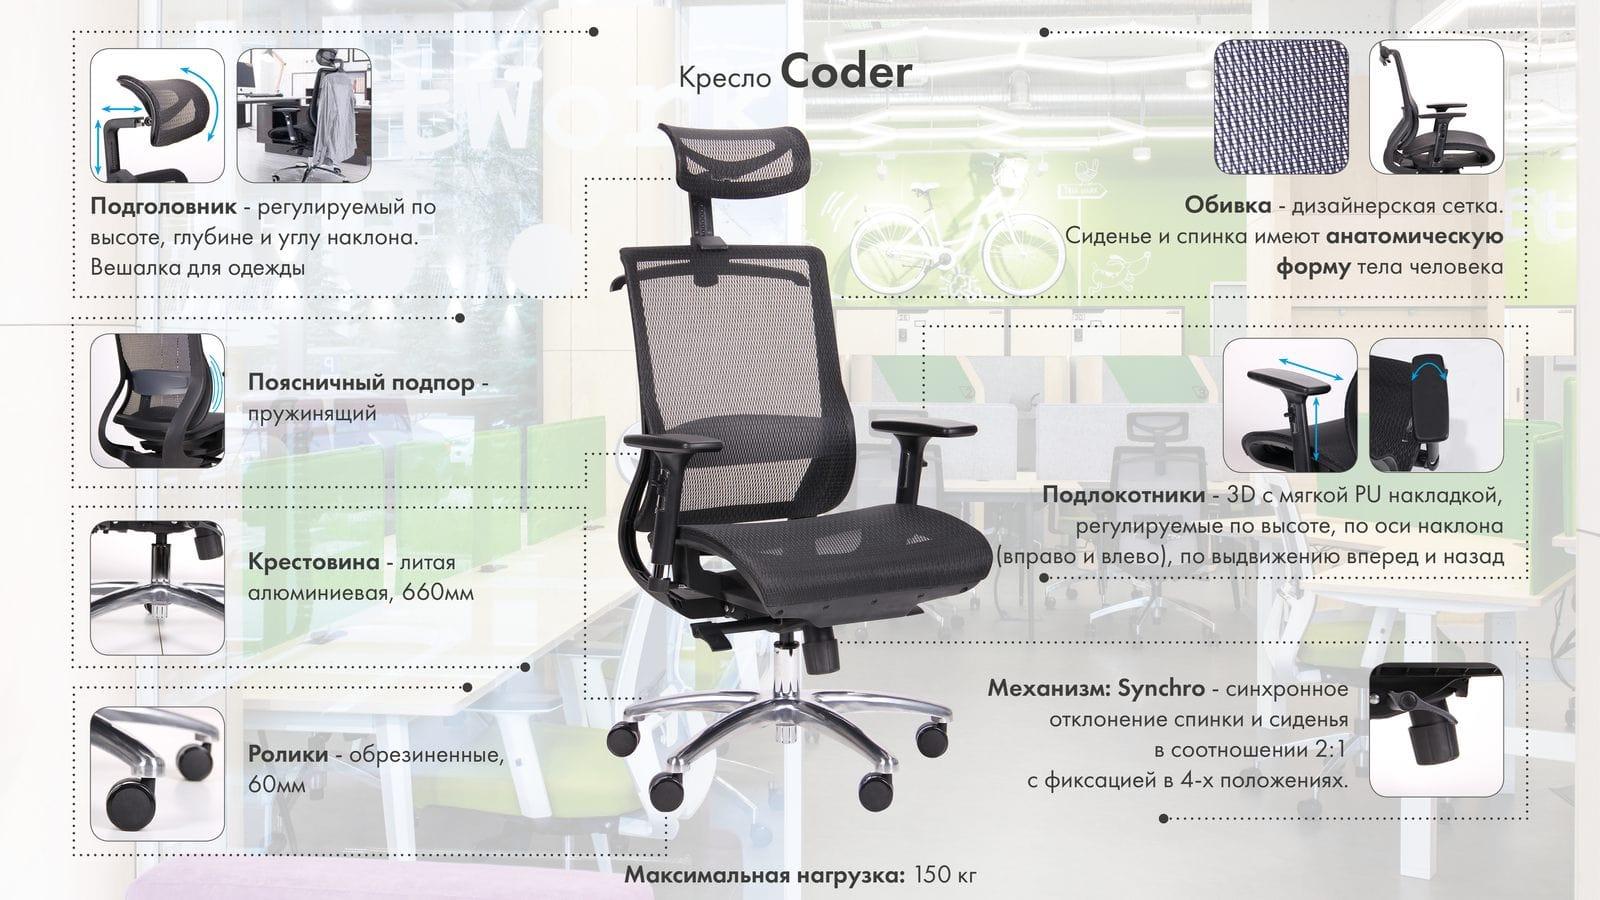 Кресло Coder Описание